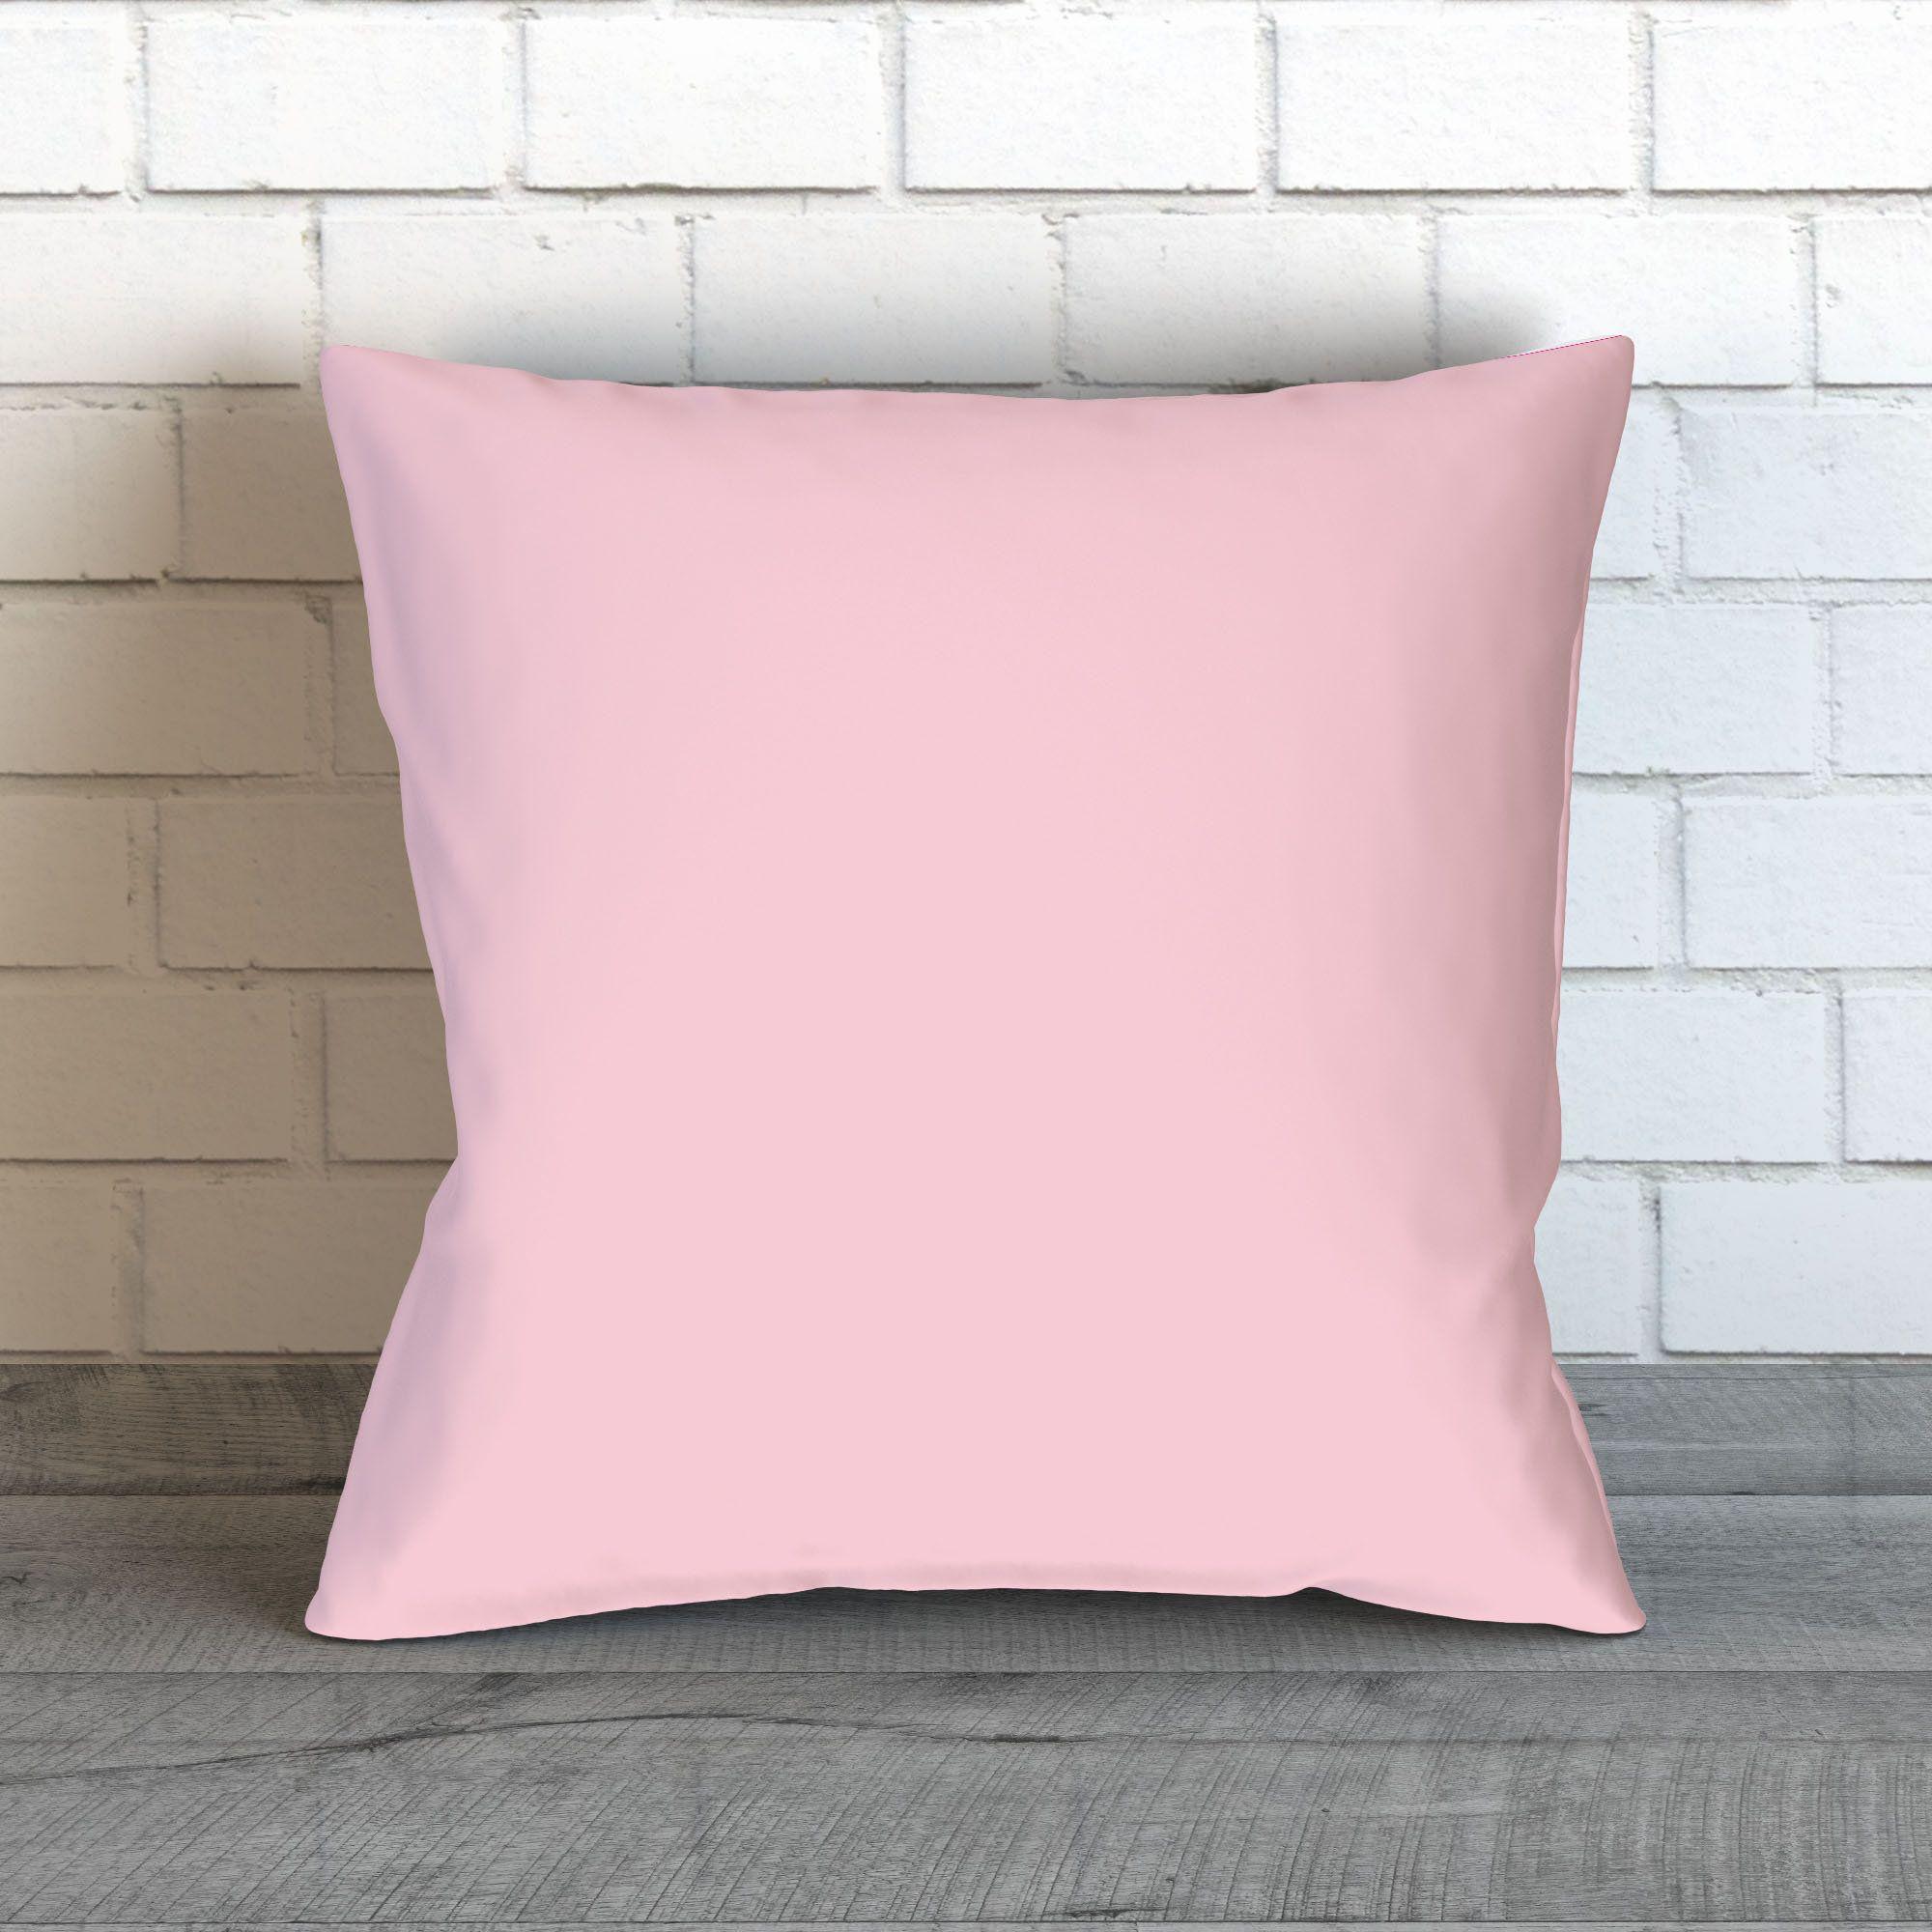 Blush Pink Pillow Light Pink Pillow Light Pink Throw Pillow Pink Bedding Blush Pink Bedding Pink Cushion Pink Toss Pillow Blush Pink Light Pink Throw Pillows Light Pink Pillows Pink Throws